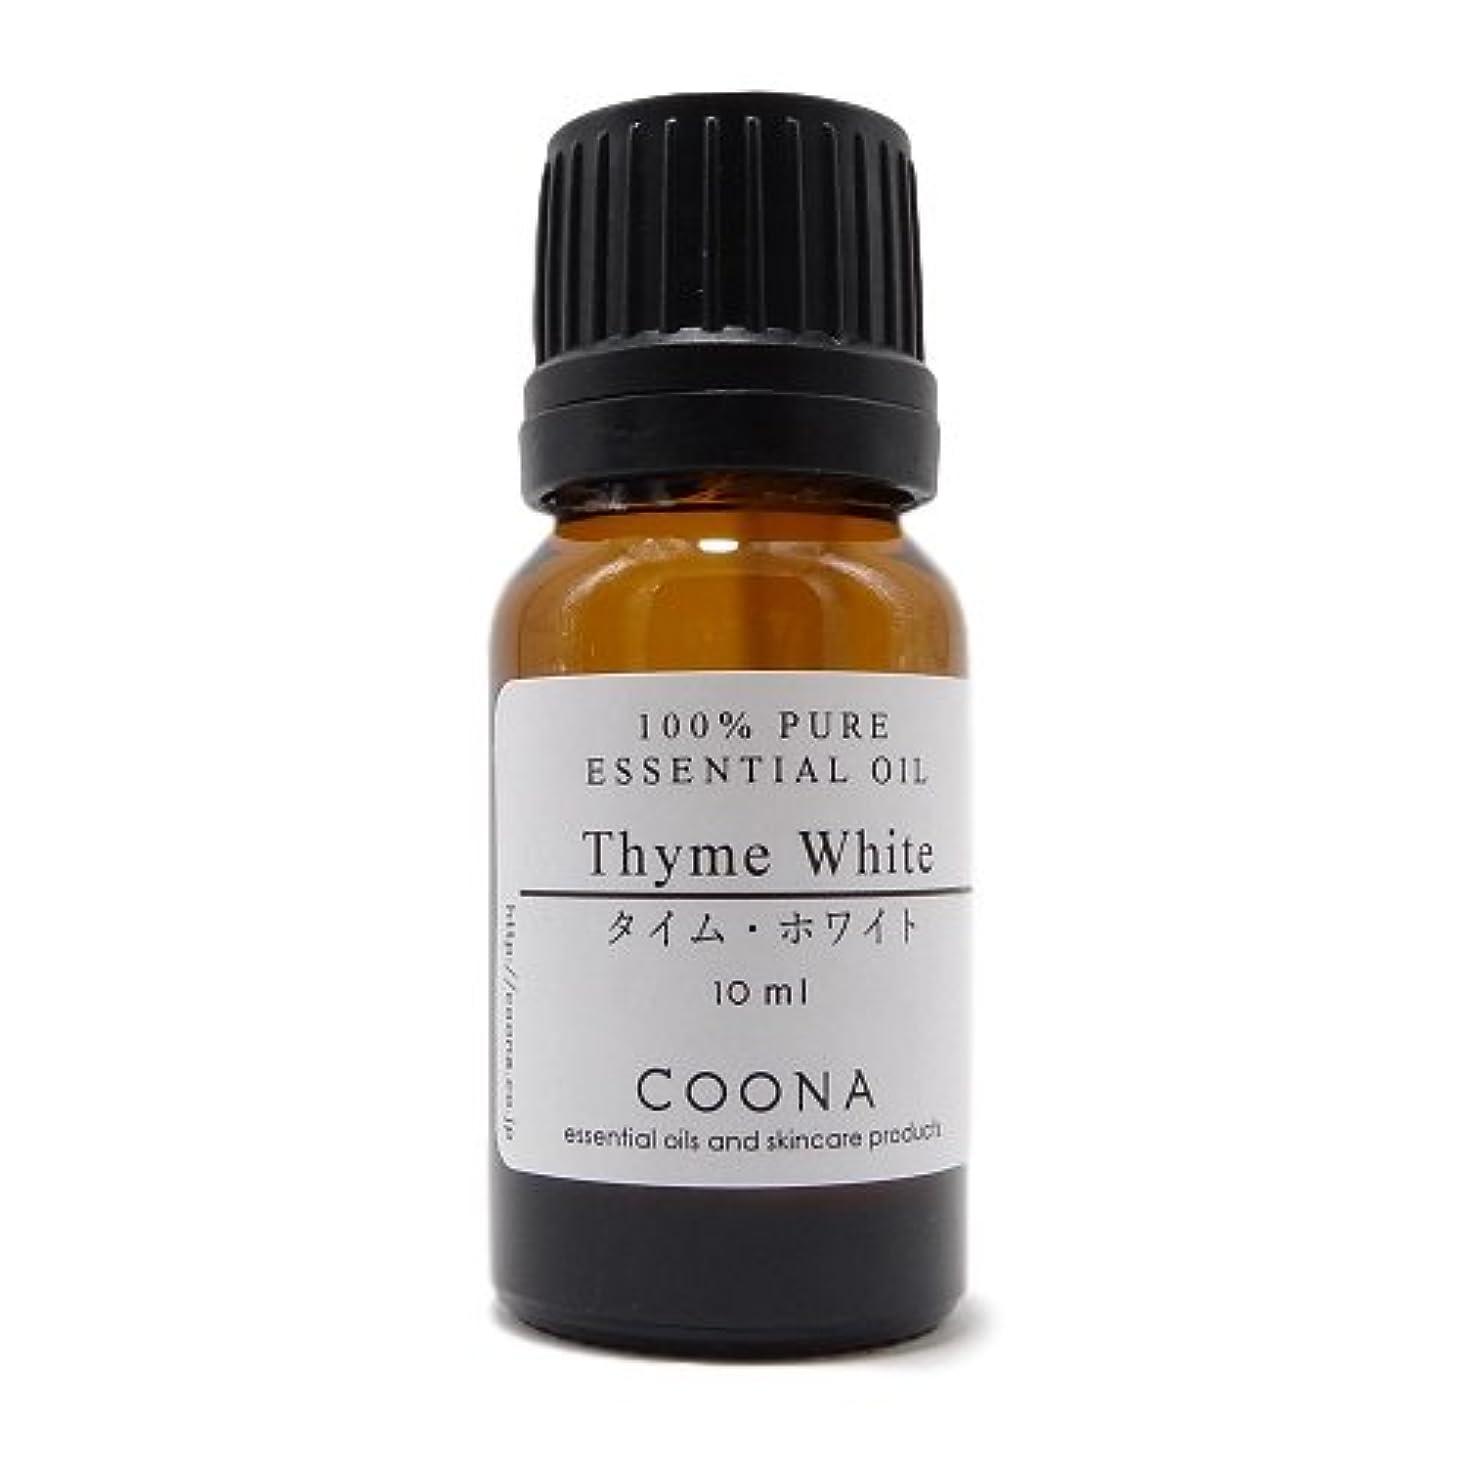 マイクロプロセッサ相談証明書タイム ホワイト 10 ml (COONA エッセンシャルオイル アロマオイル 100%天然植物精油)